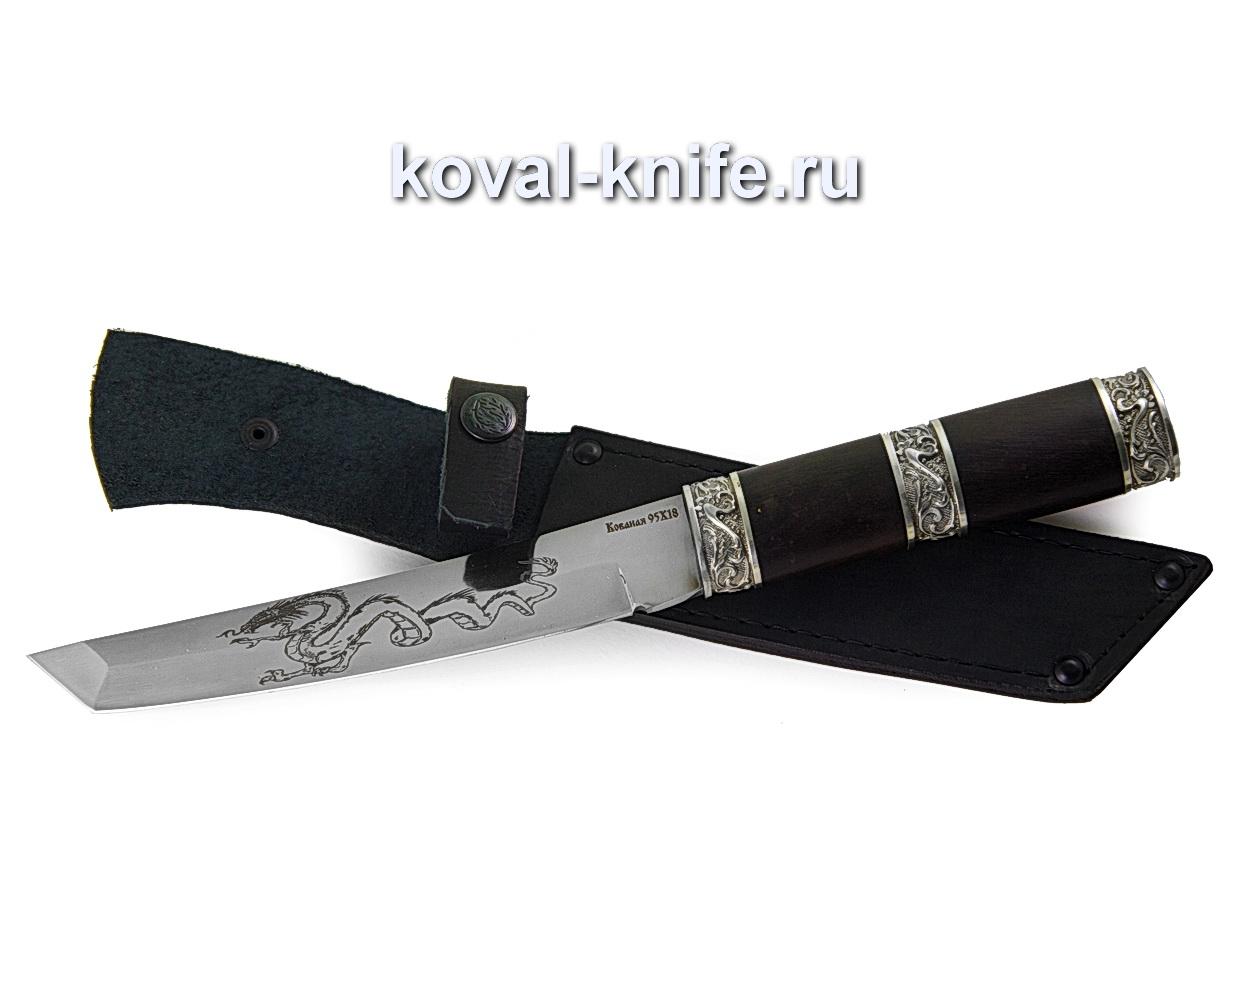 Нож Танто из стали 95х18 с травлением (рукоять граб, литье мельхиор) A353